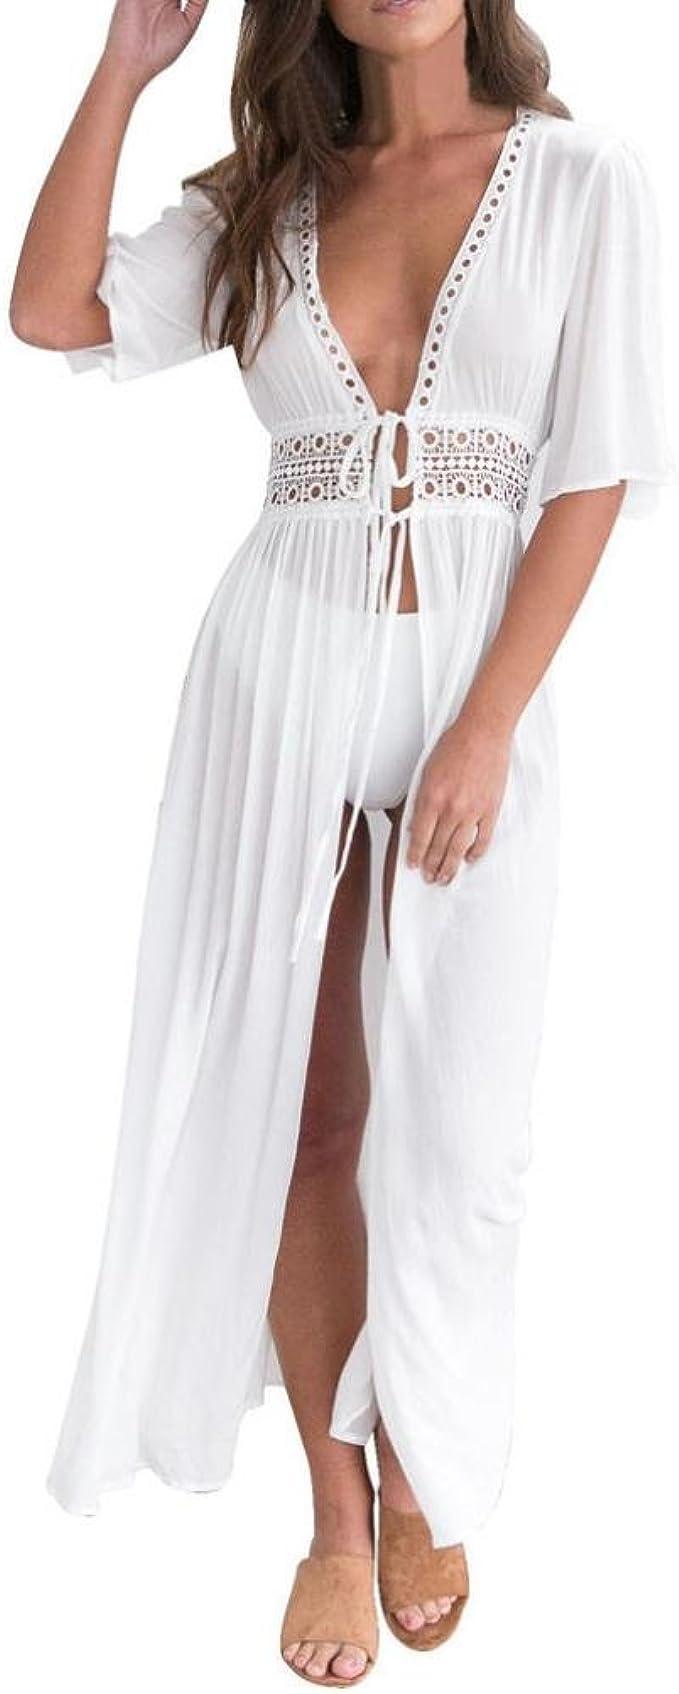 Overdose 2018 Traje De BañO Bikini Mujer Cubrir hasta Moda Vestido La Playa Encaje Bohemia: Amazon.es: Ropa y accesorios